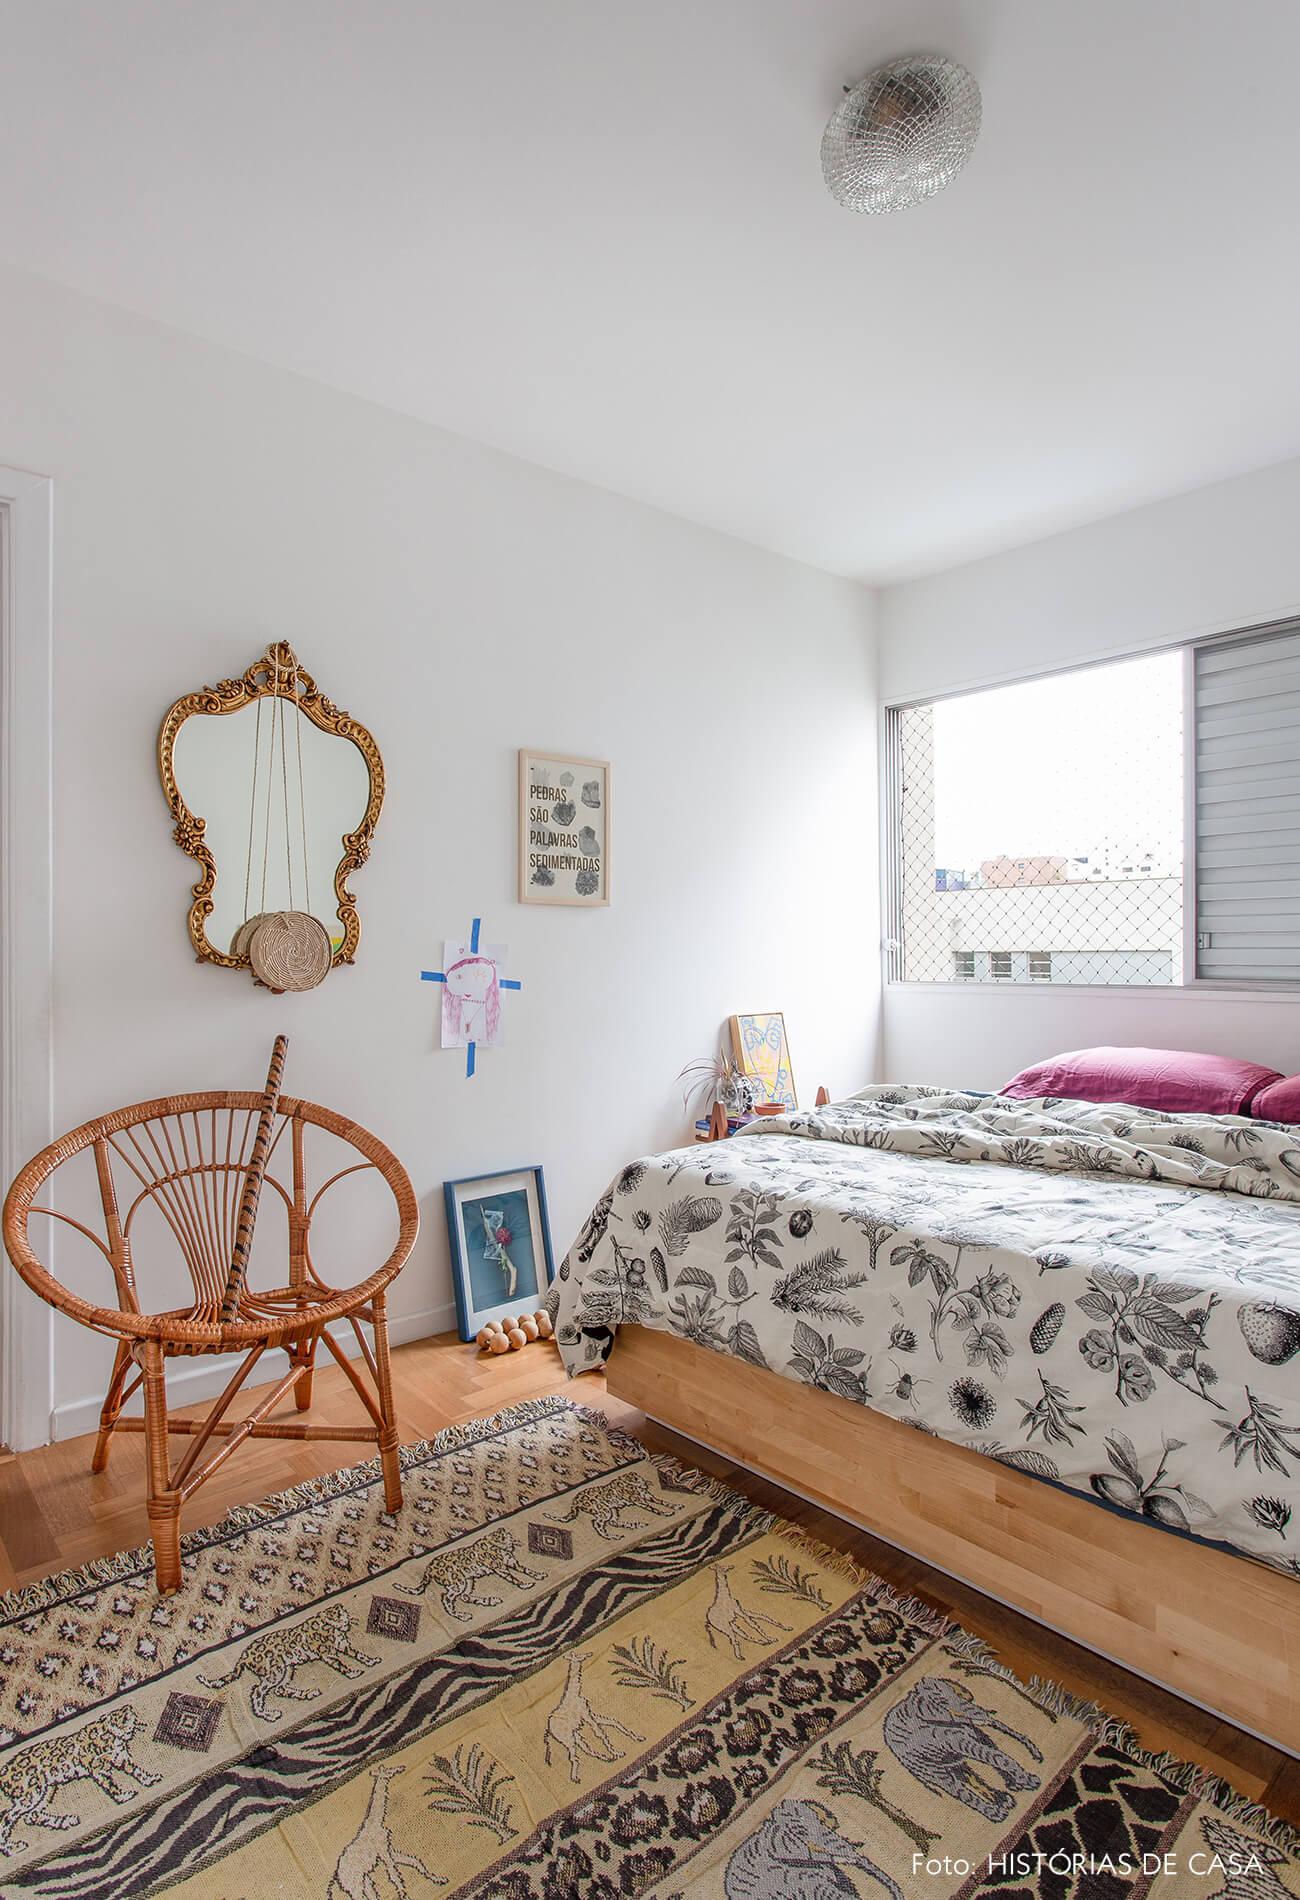 decoração quarto com poltrona de madeira espelho dourado e tapete estampado